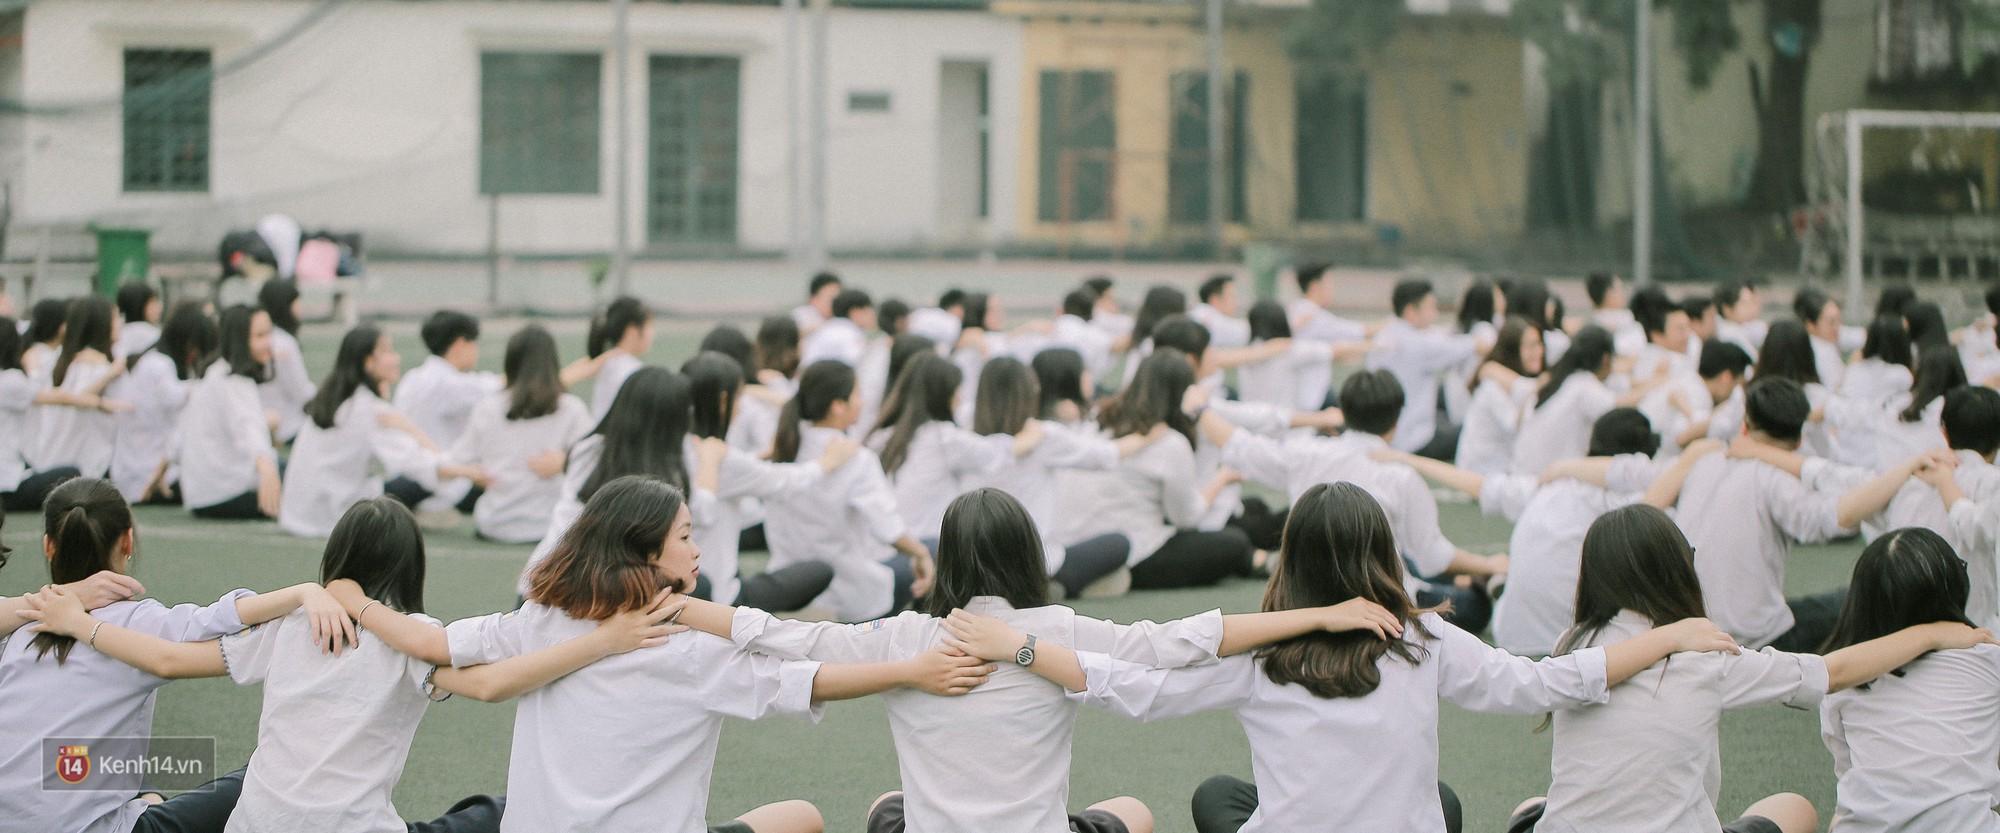 Teen Chu Văn An rạng rỡ ngày xếp chữ chia tay tuổi học trò - Ảnh 12.